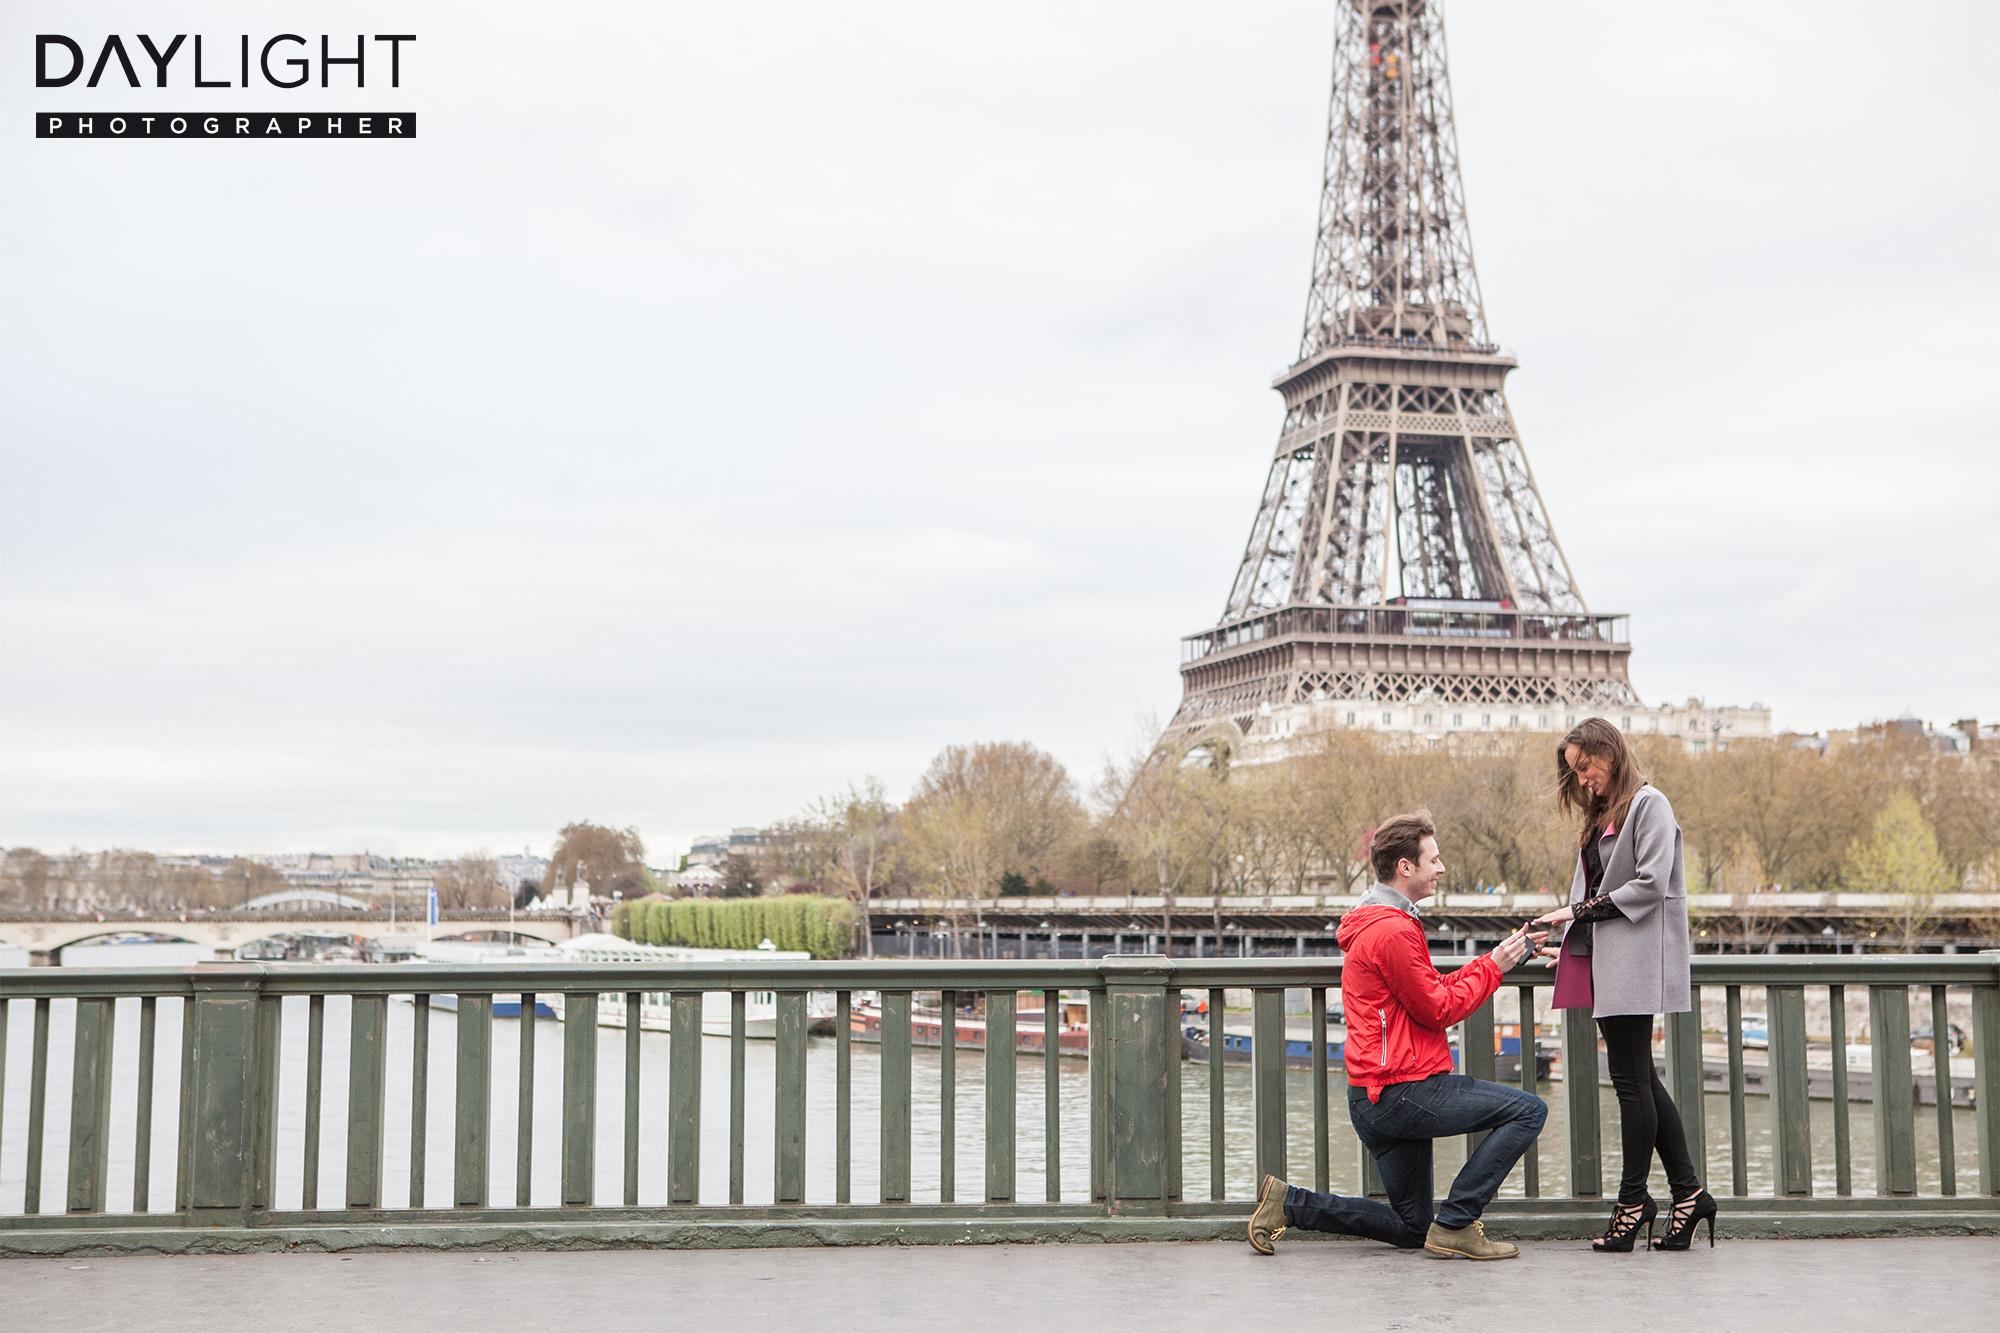 hochzeitsantrag in paris